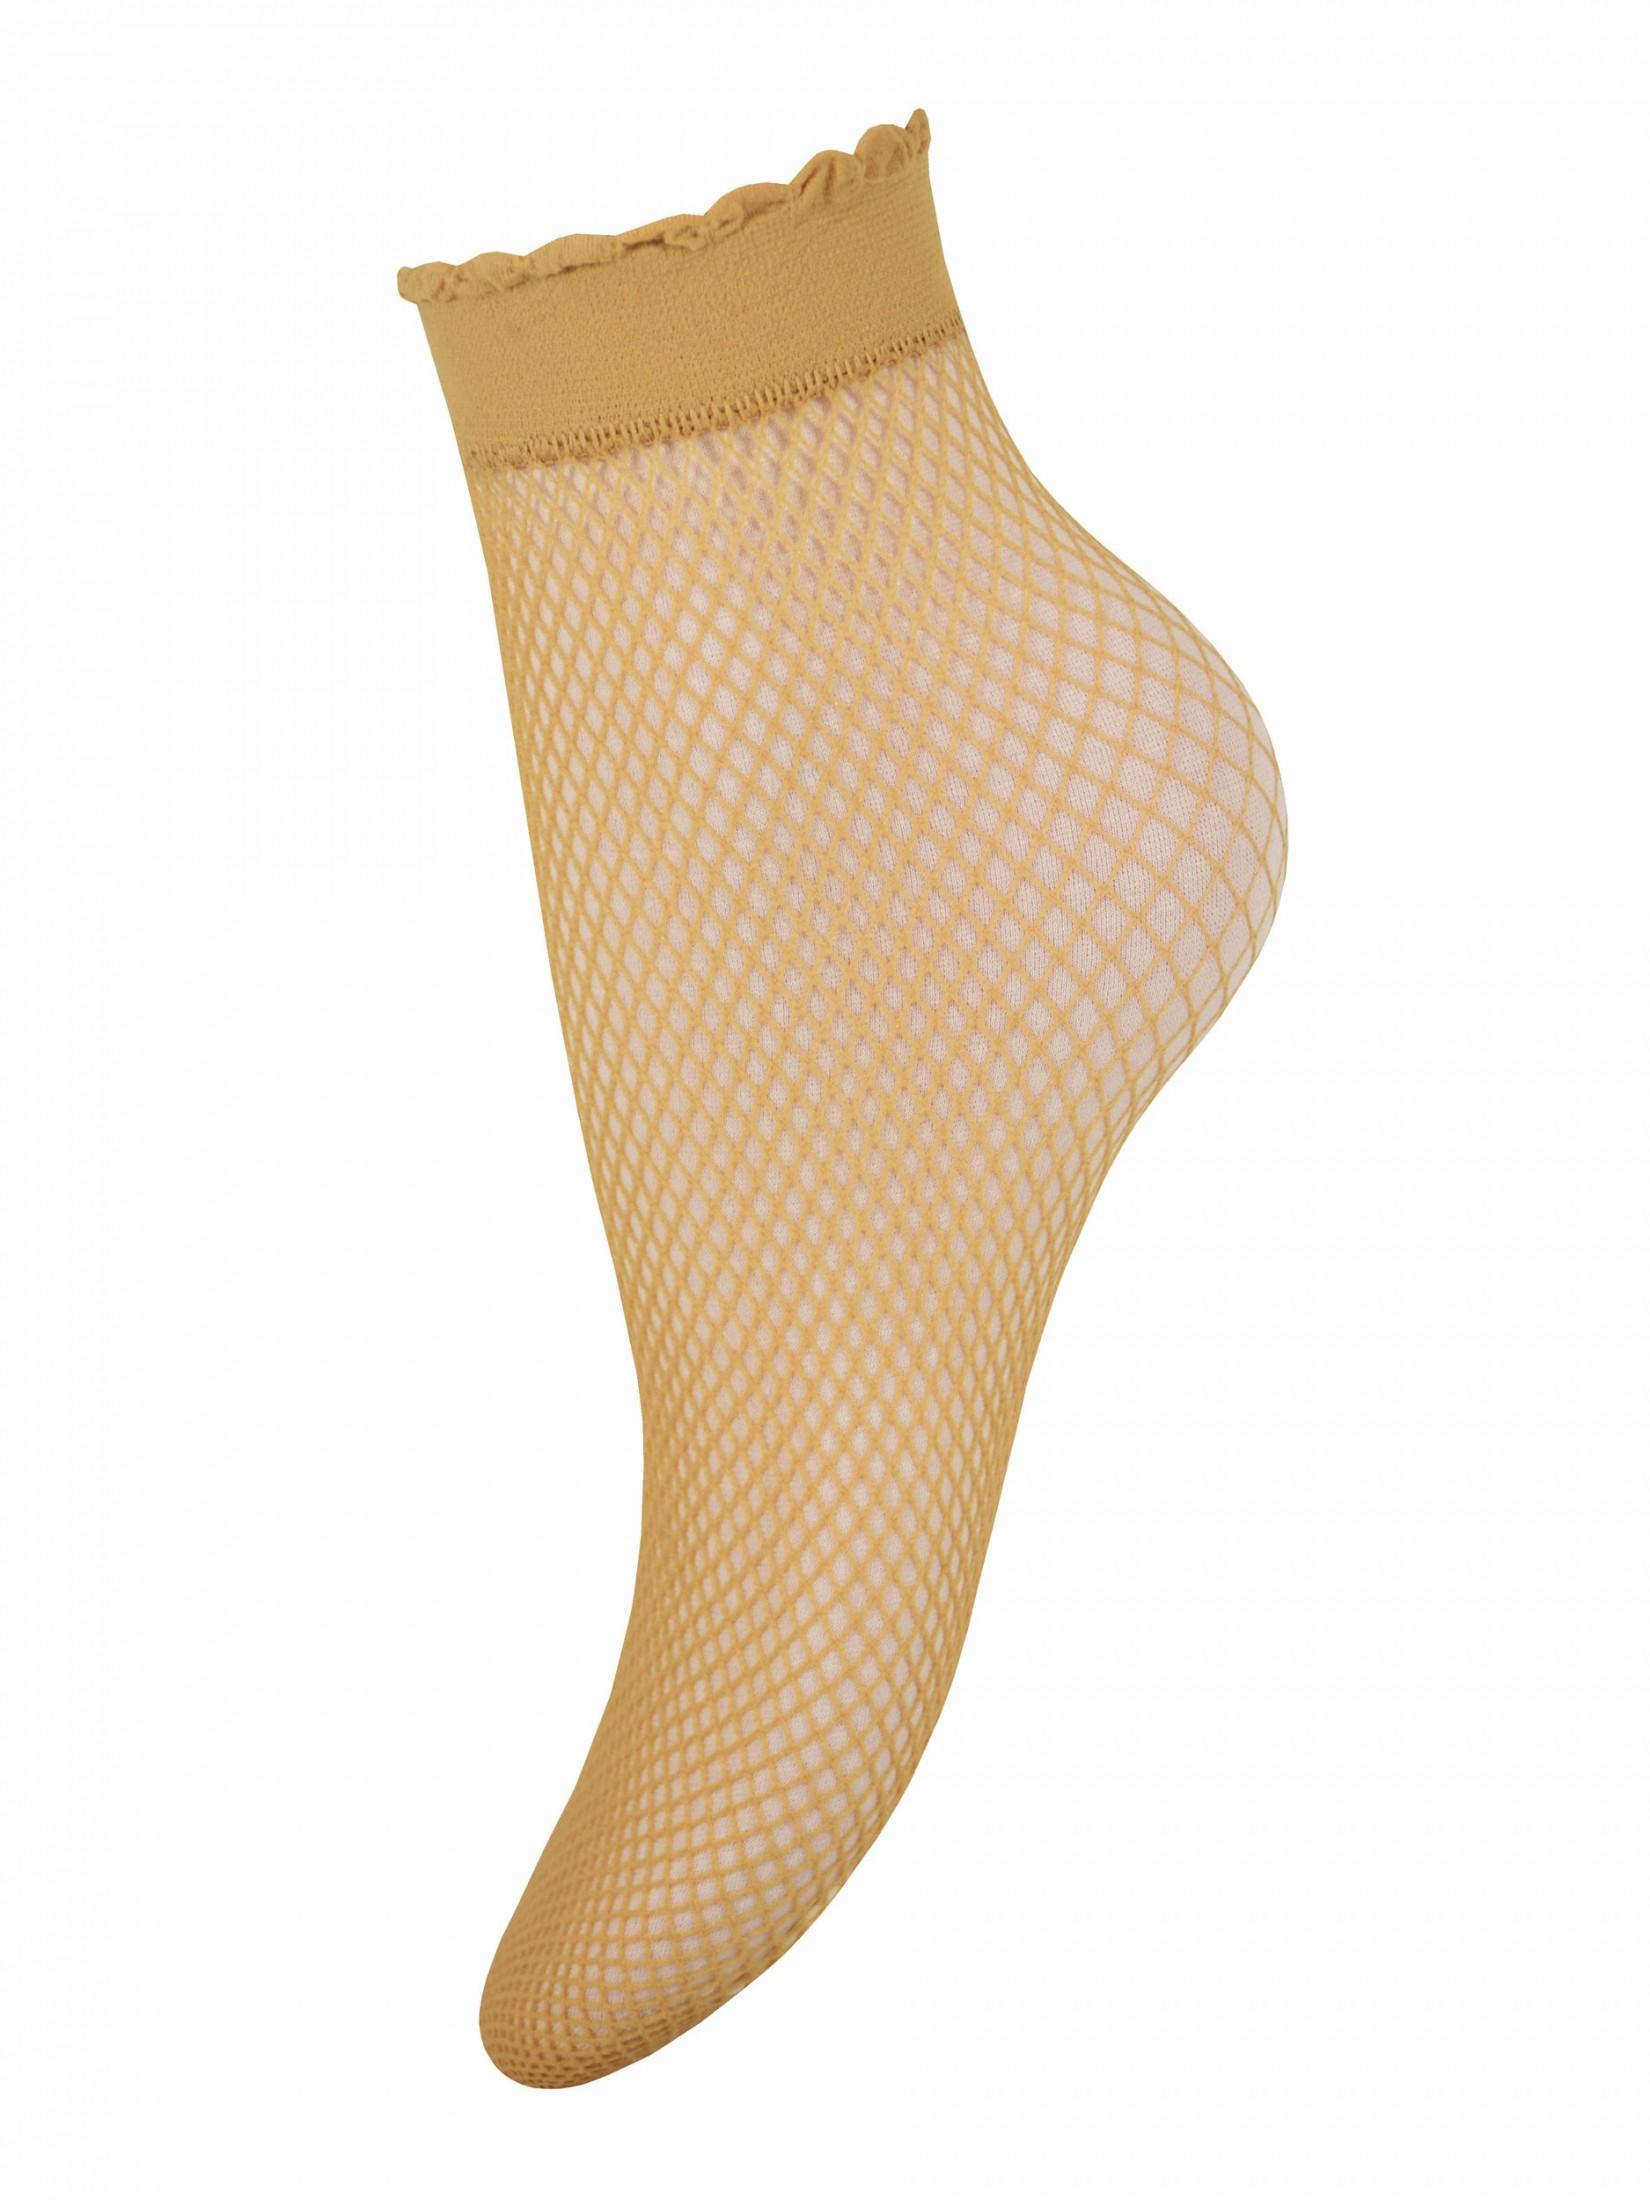 Капроновые носки женские Trasparenze Idra бежевые UNICA